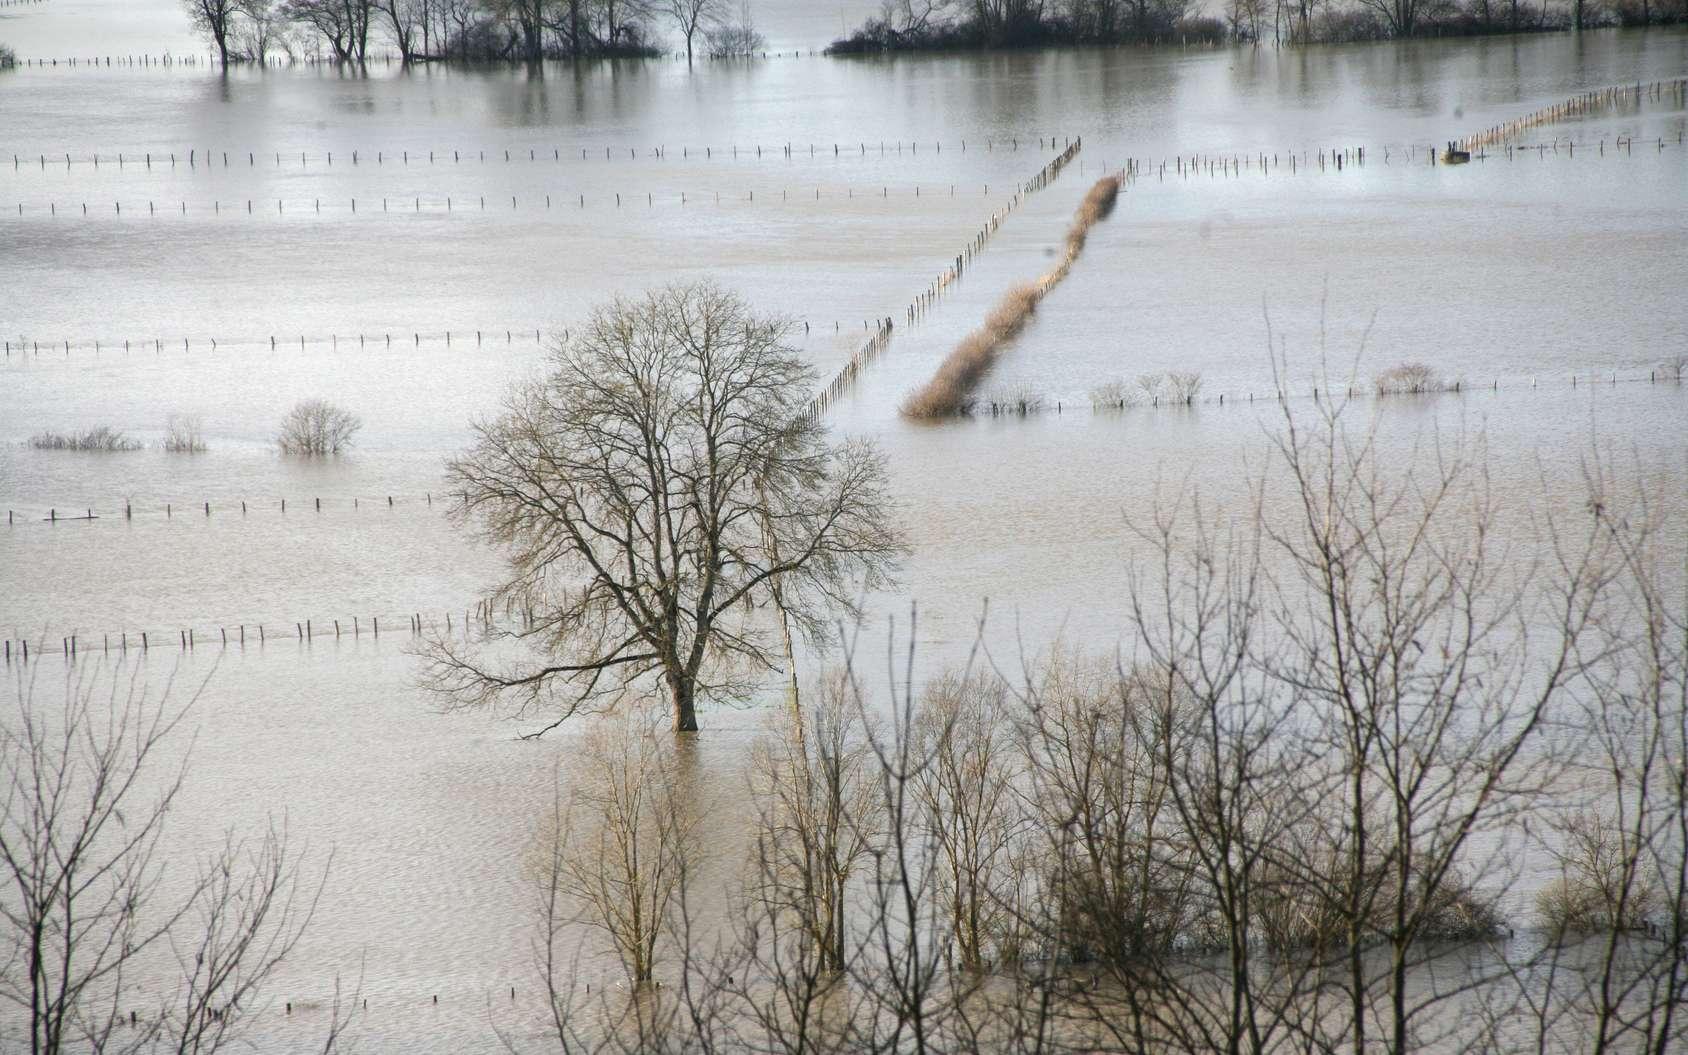 Les changements dans la saisonnalité des crues peuvent profondément affecter les rendements agricoles, la sécurité des infrastructures et la production hydroélectrique ainsi que l'alimentation en eau, soulignent des experts britanniques dans un édito de Science. © Montferney, fotolia